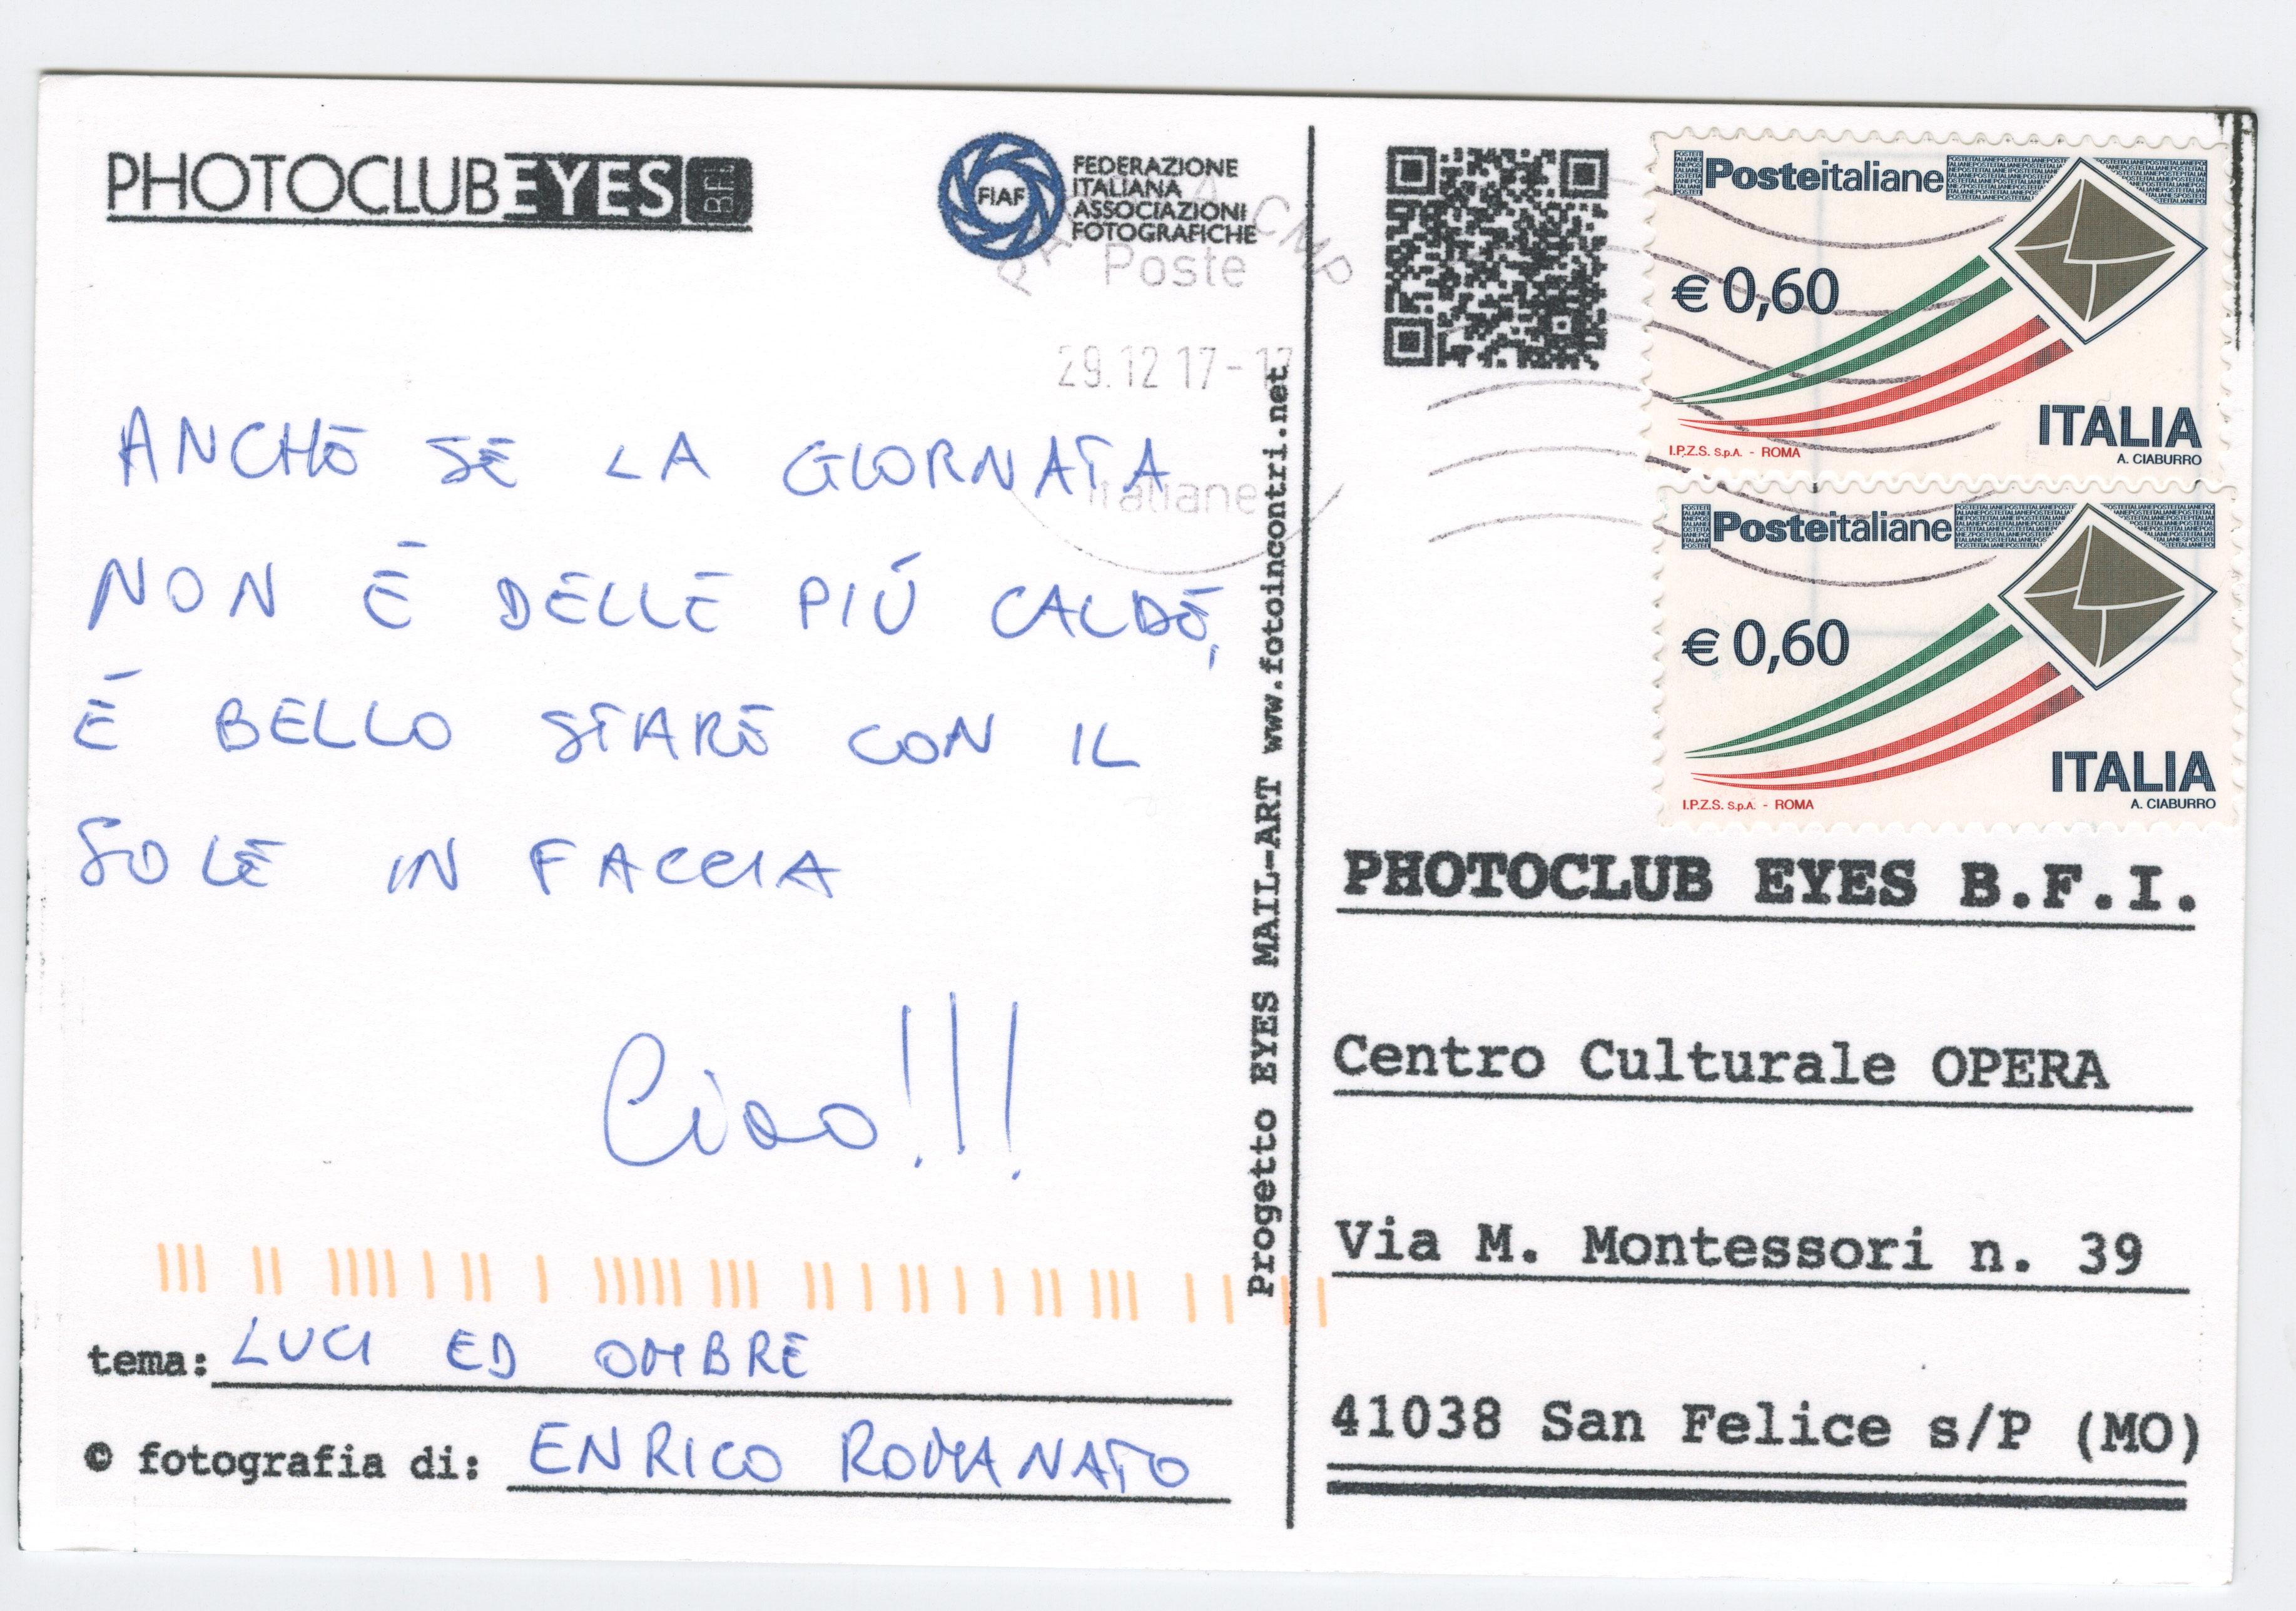 Enrico Romanato